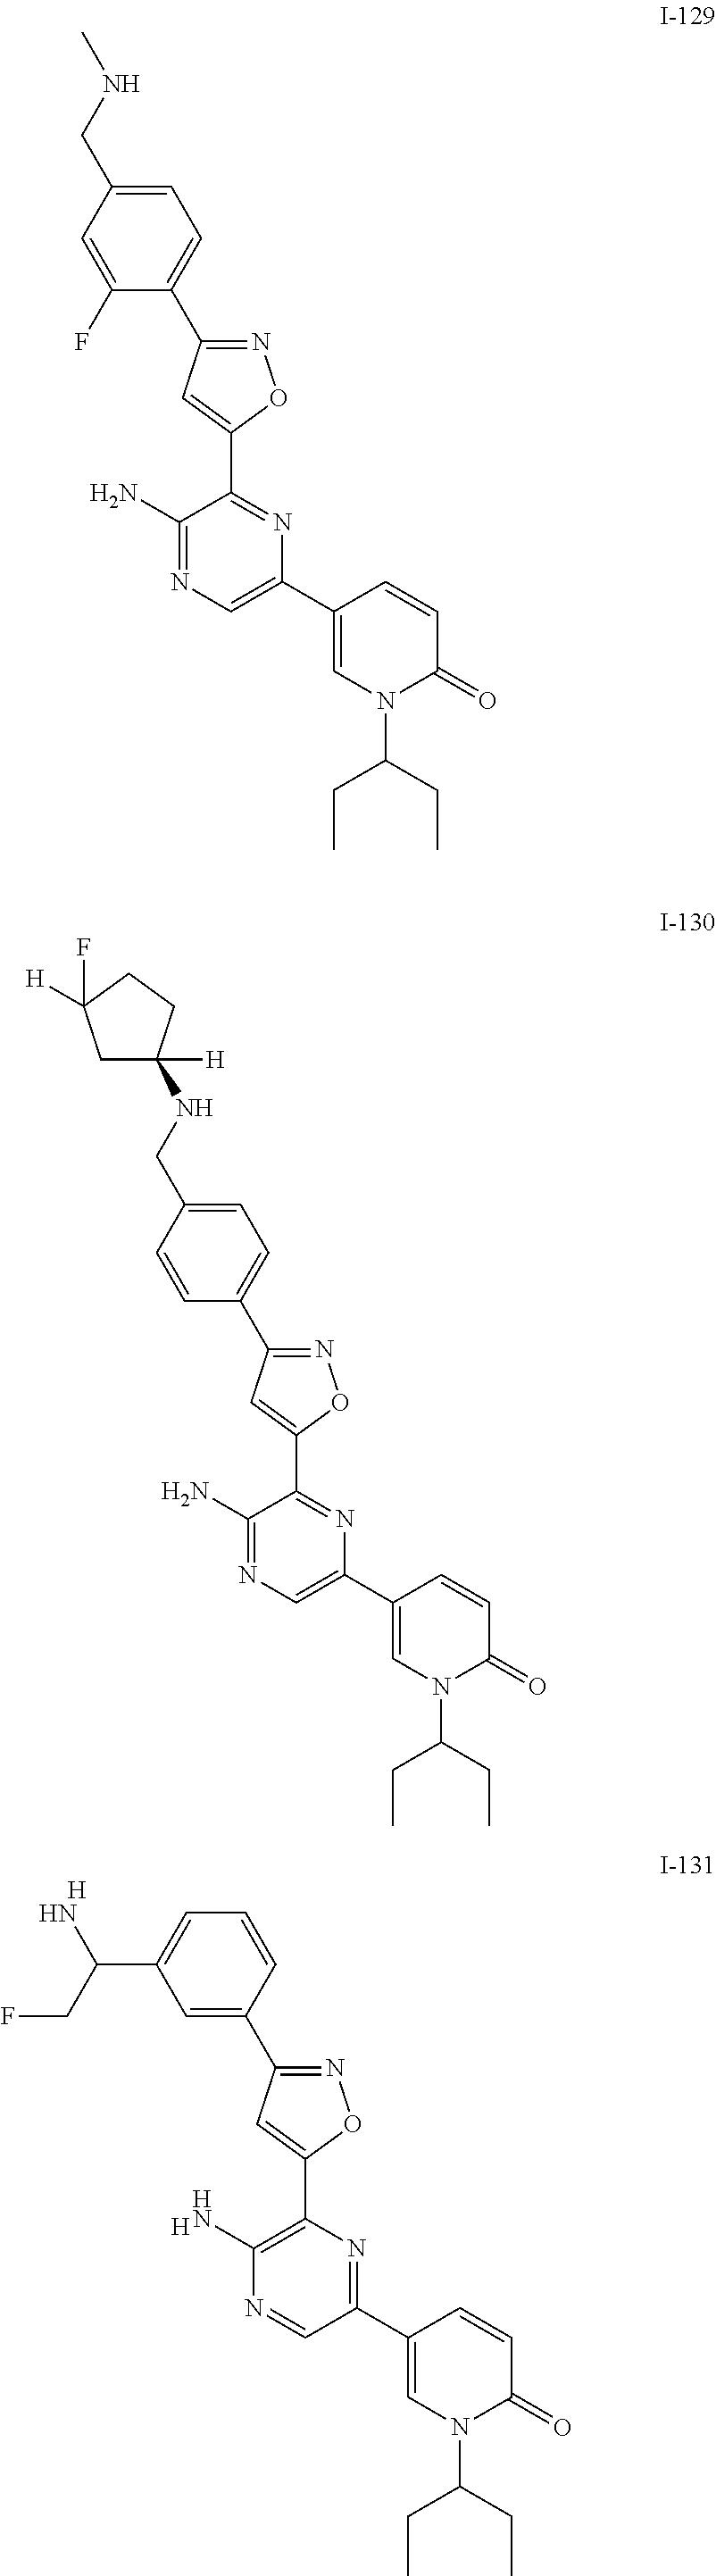 Figure US09630956-20170425-C00262